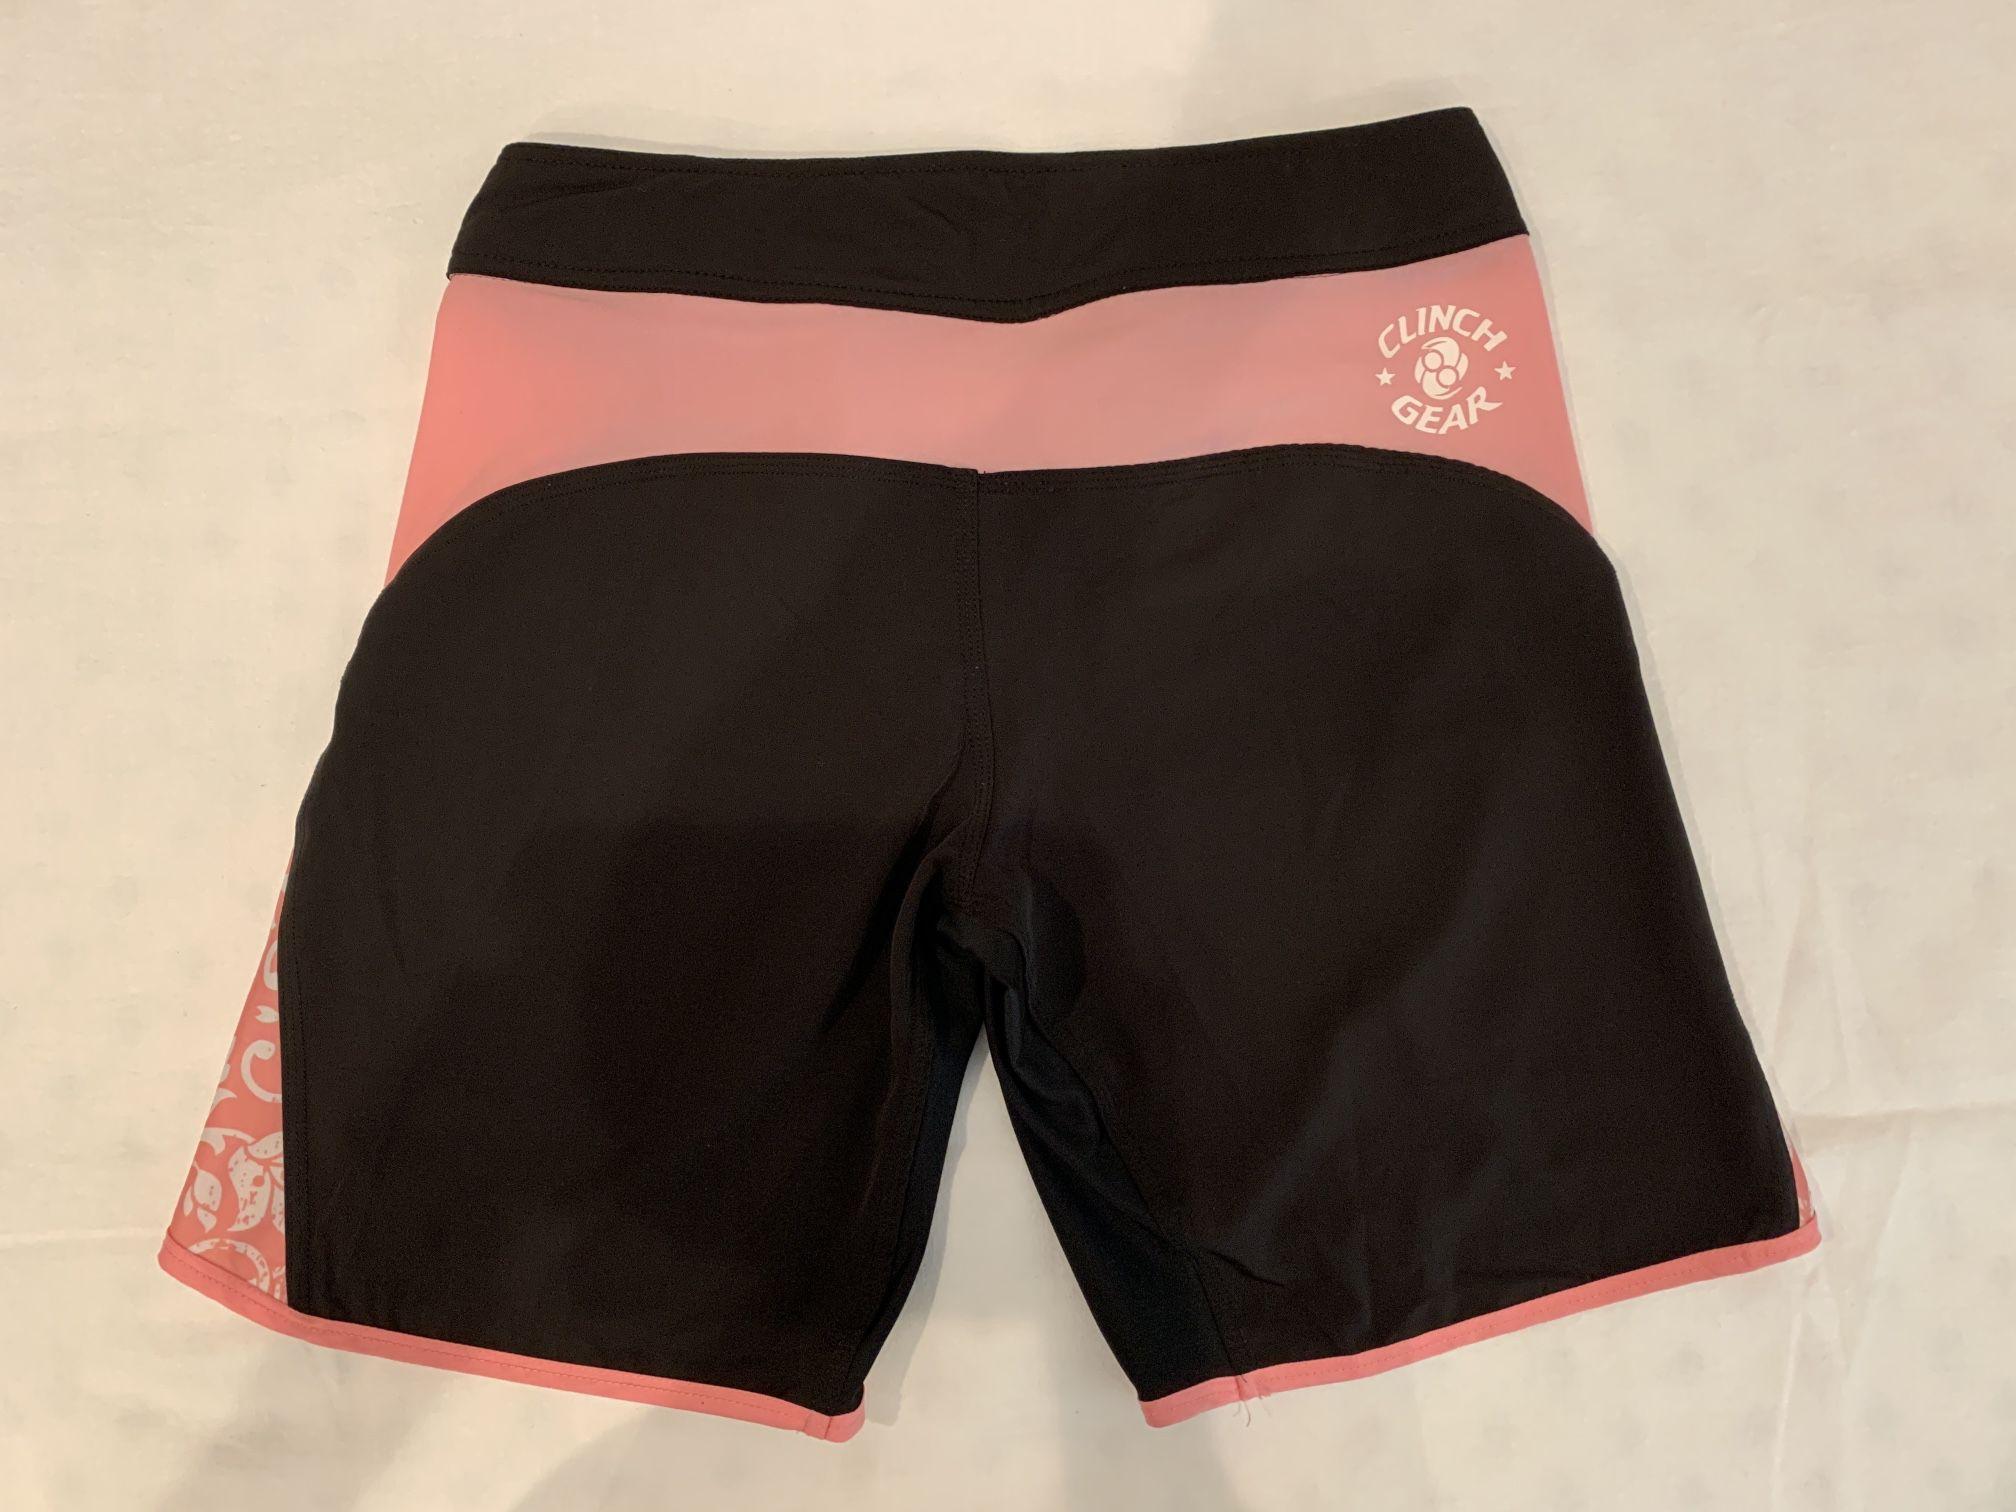 2 Clinch Gear shorts, Size 6